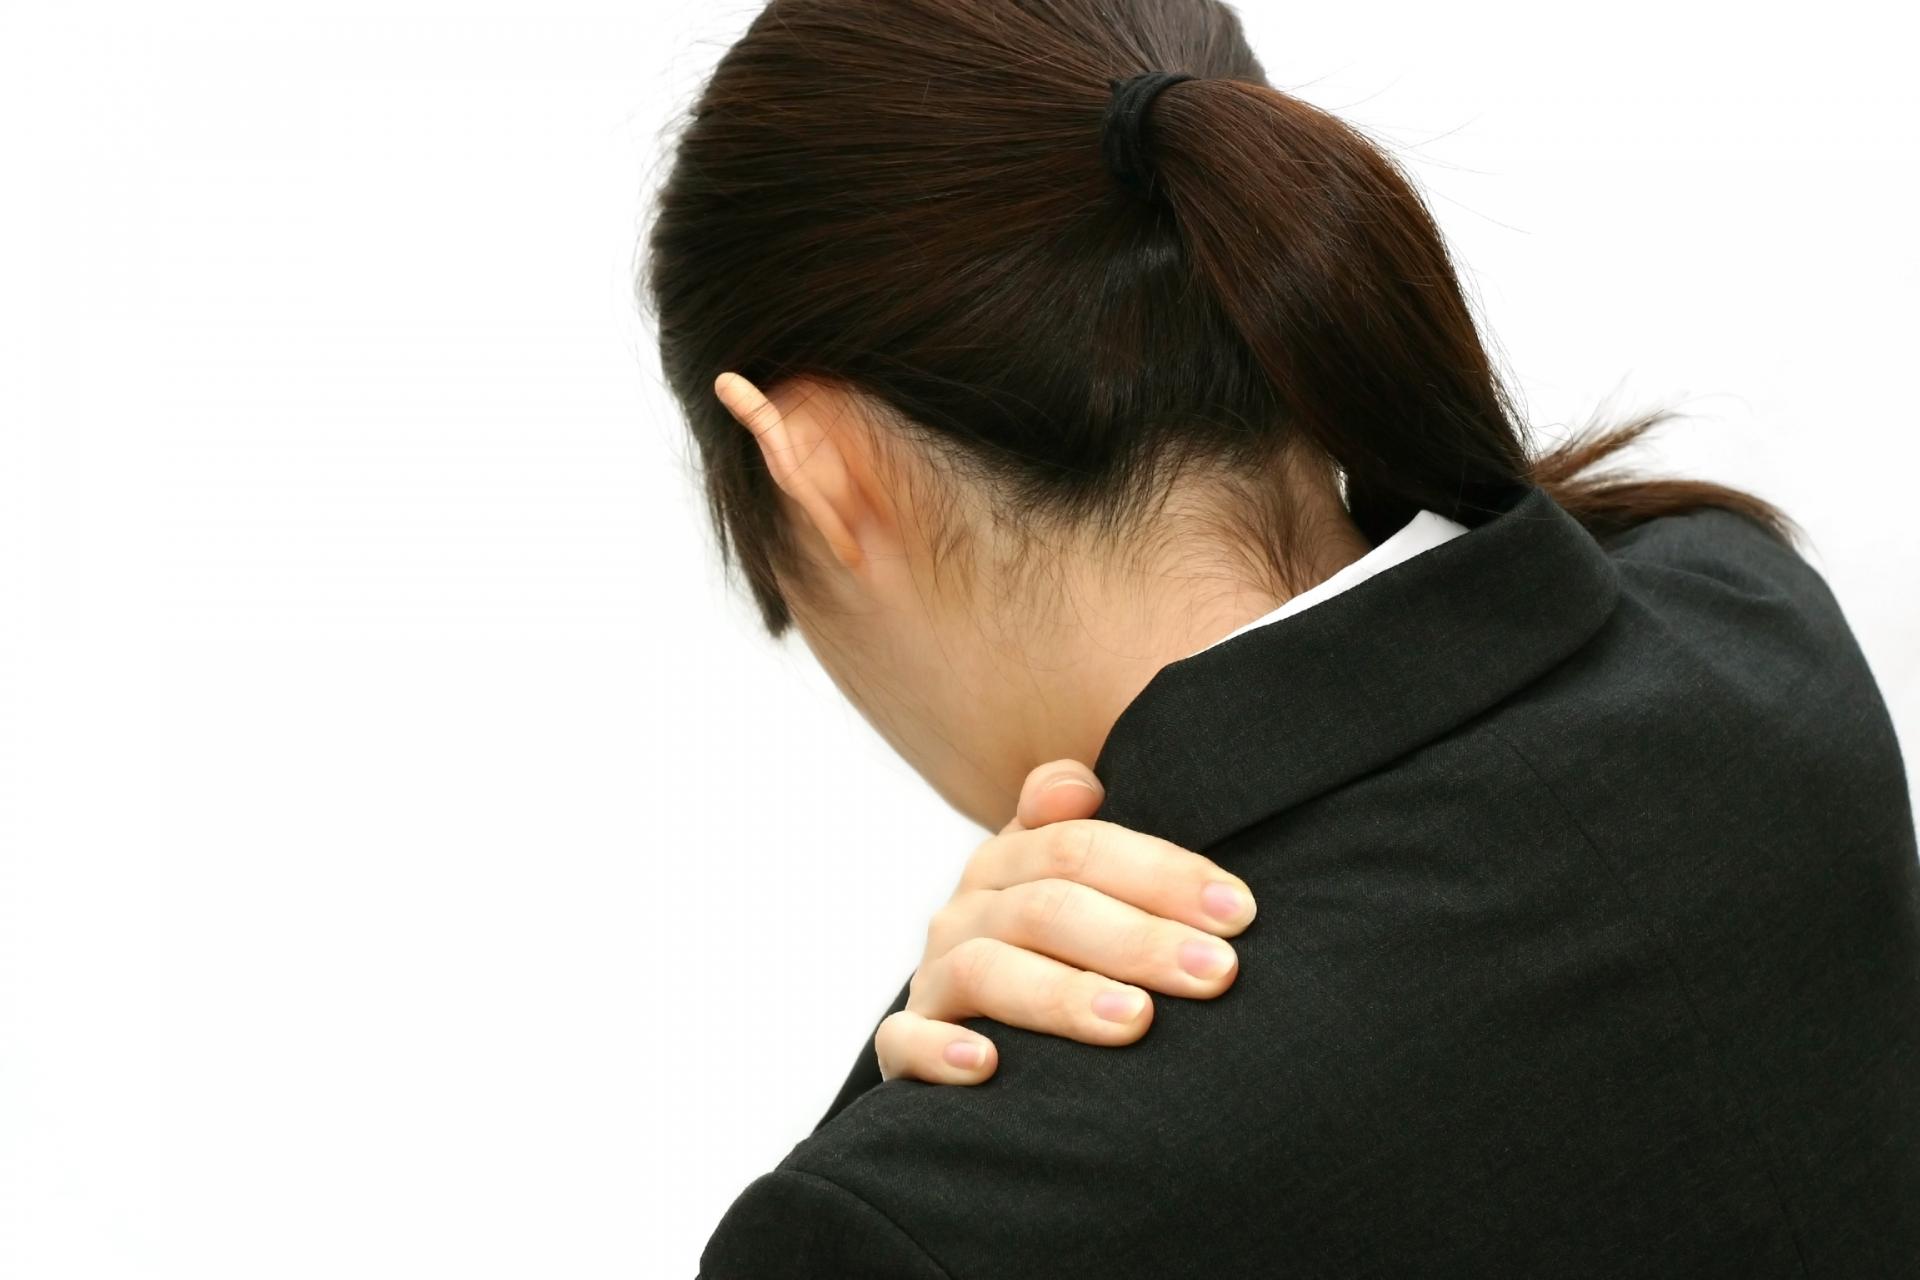 手のしびれや二の腕のたるみをまねく「巻き肩」の対処法